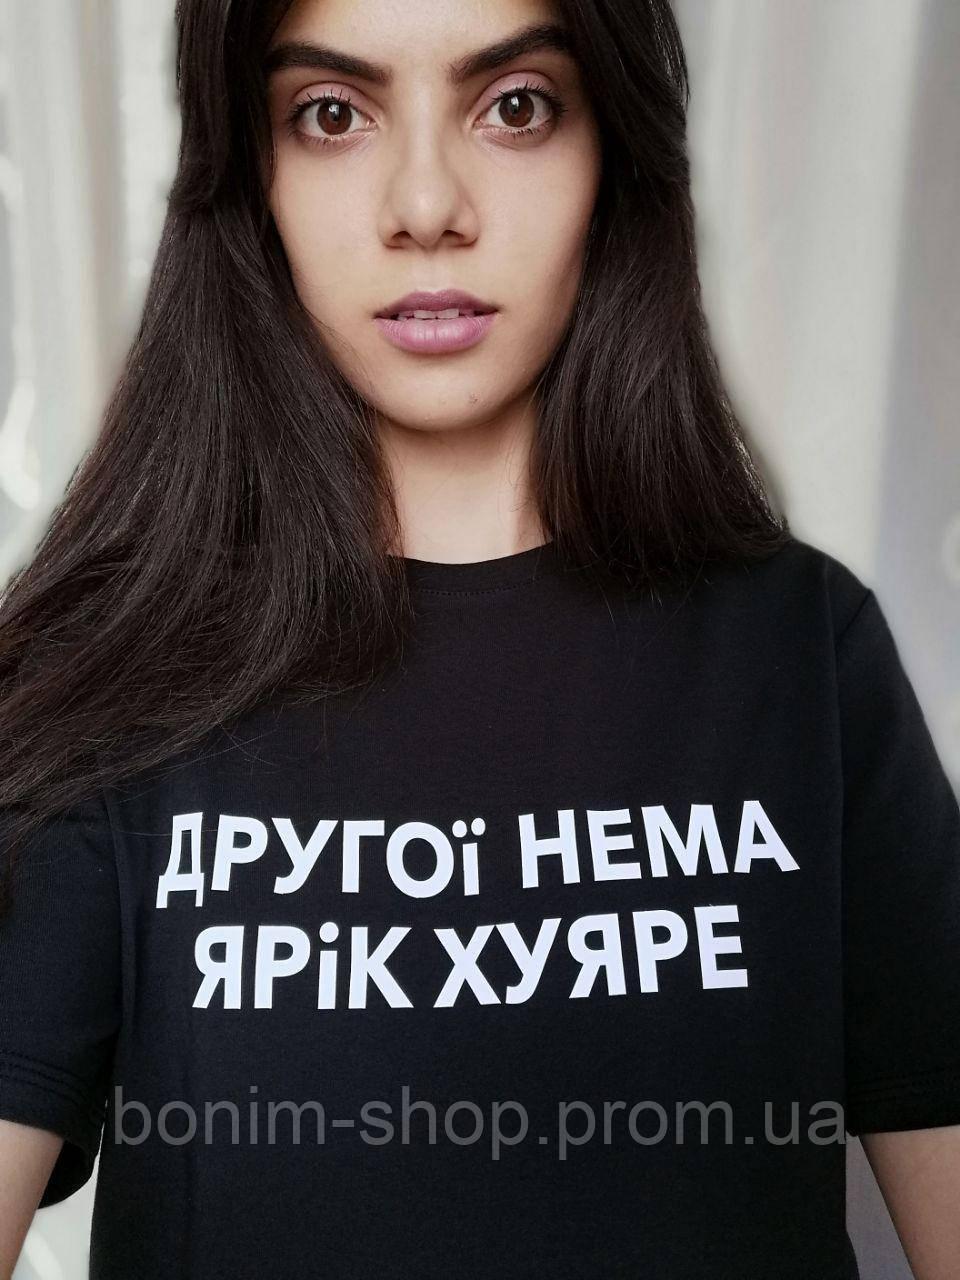 Черная женская футболка с принтом Другої неме Ярiк хуяре